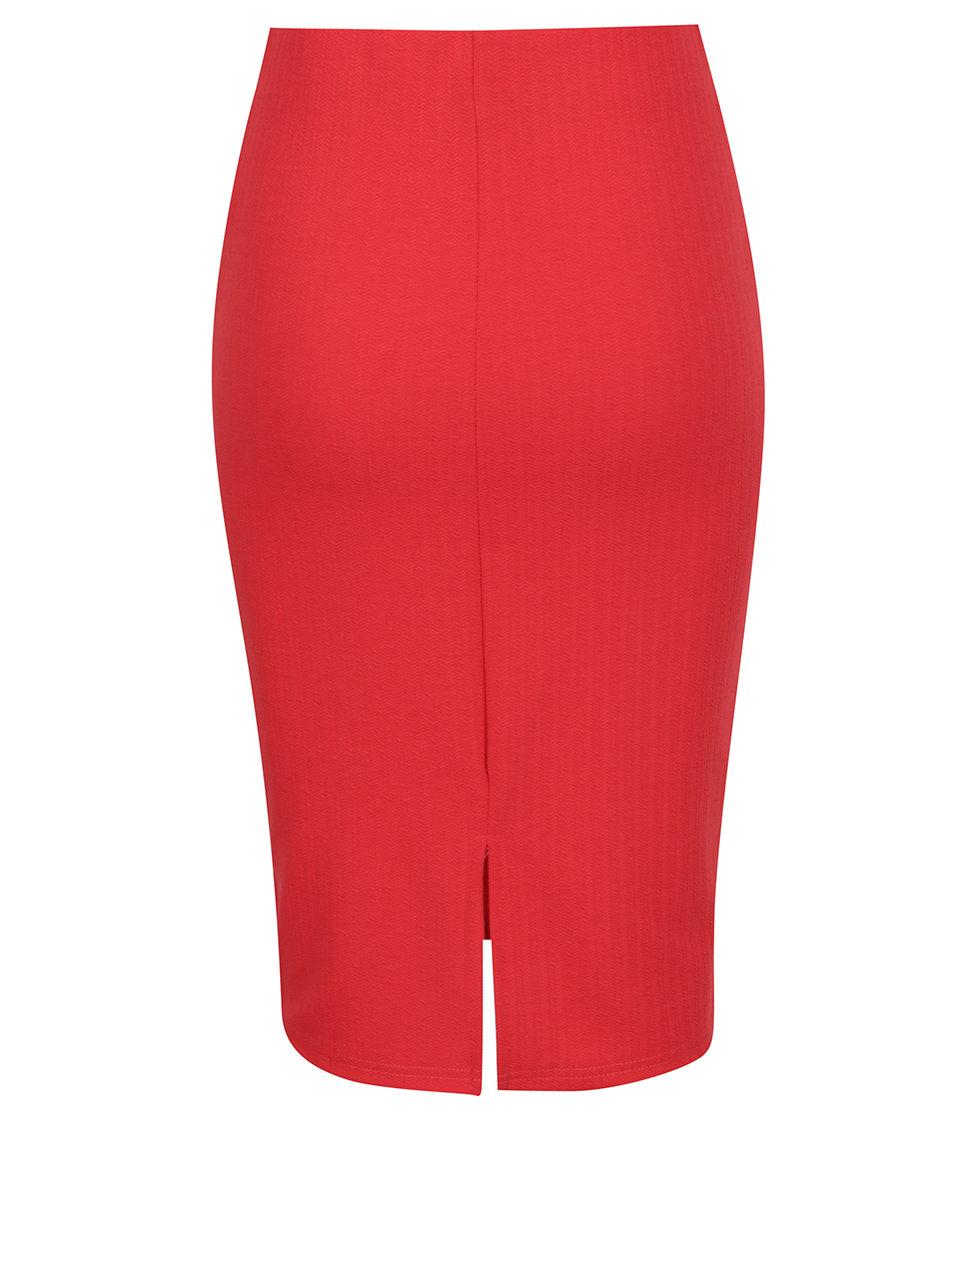 a97fe8c0798 Červená pouzdrová sukně s jemným vzorem VERO MODA Ellie ...